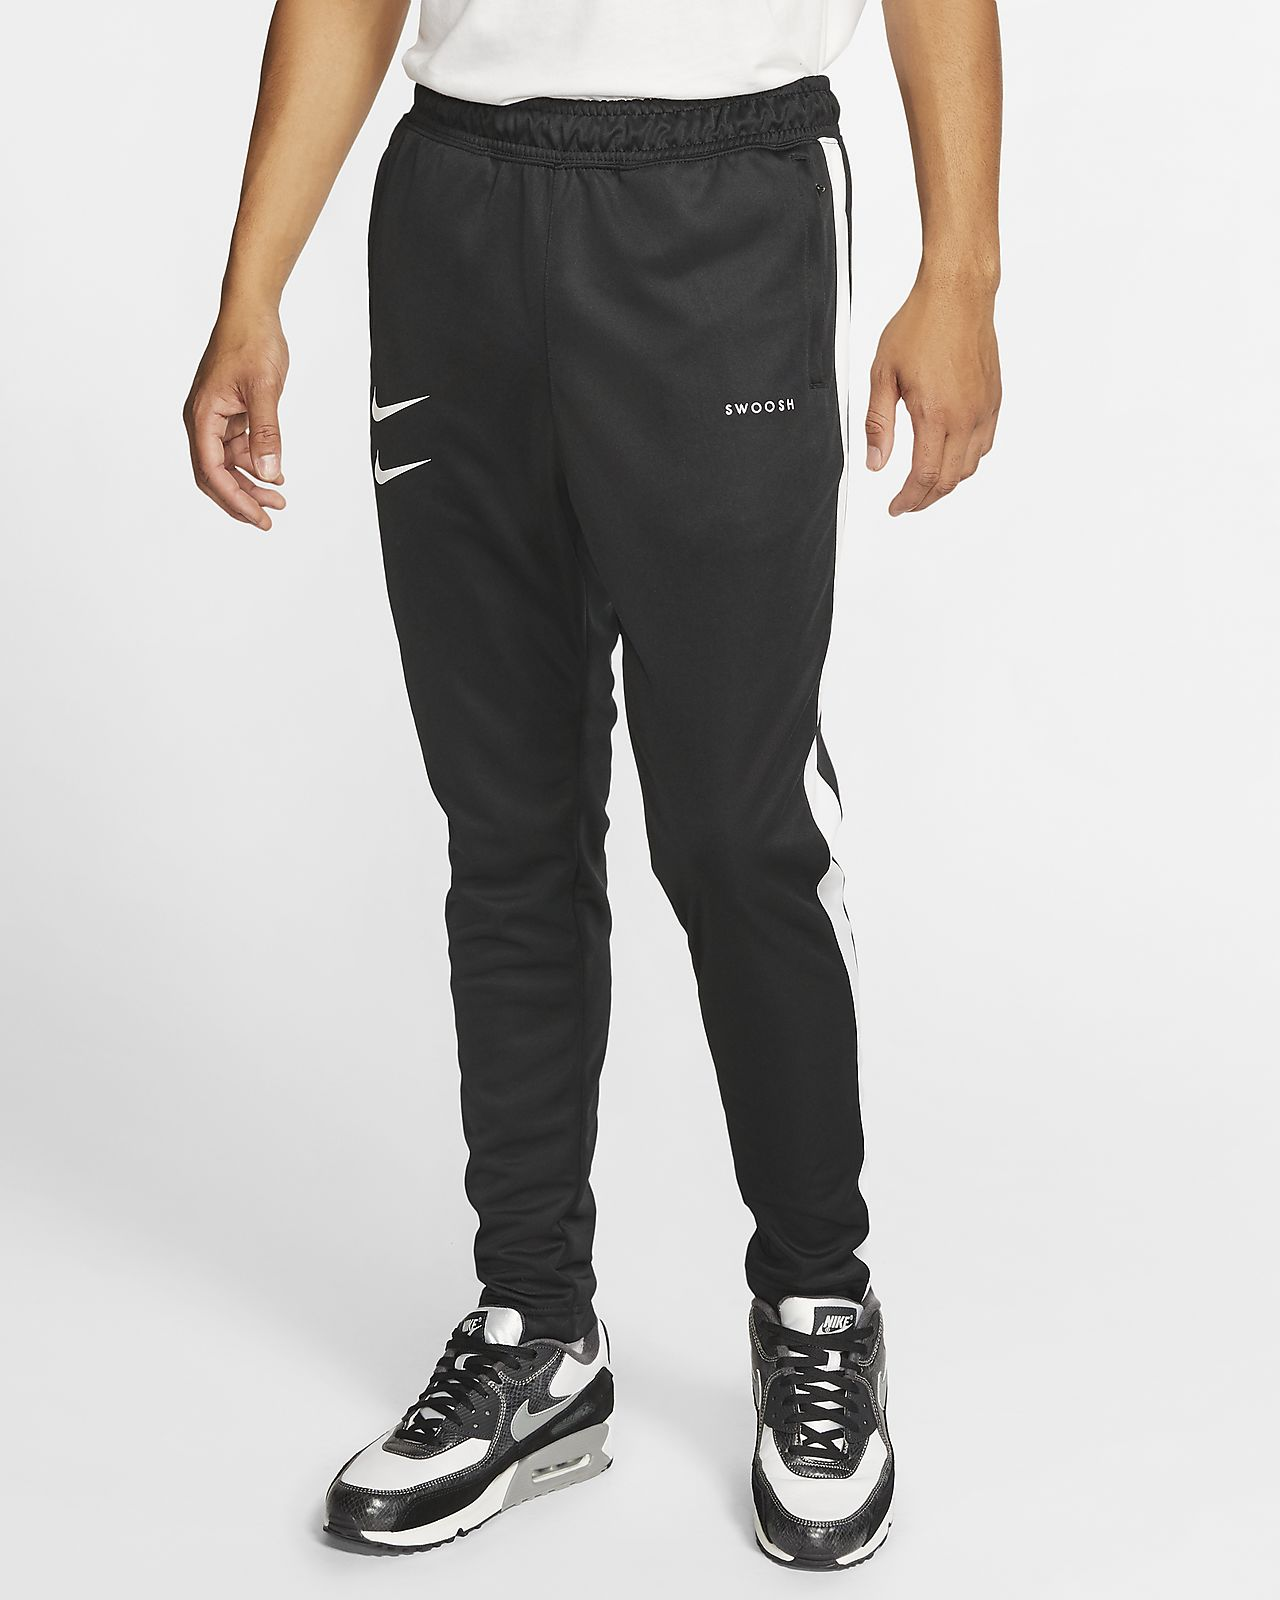 pantalon fitness homme swoosh+ gris nike